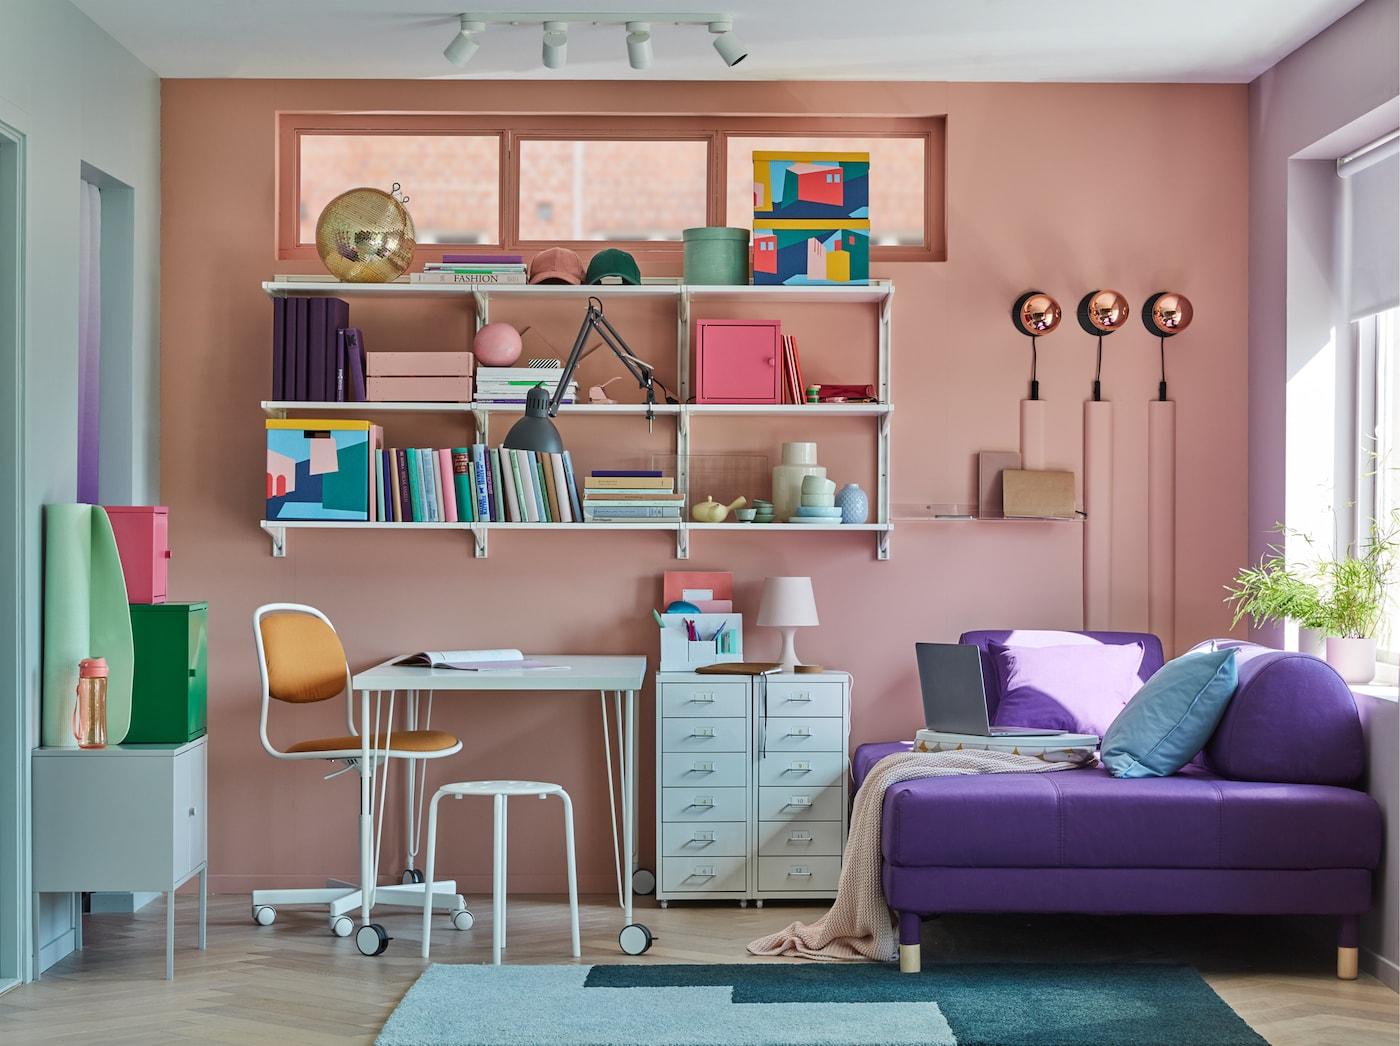 مكتب منزلي صغير، مع طاولة LINNMON/KRILLE باللون الأبيض مع أرجل على عجلات وبعض الرفوف وخزائن تخزين وكنبة سرير.